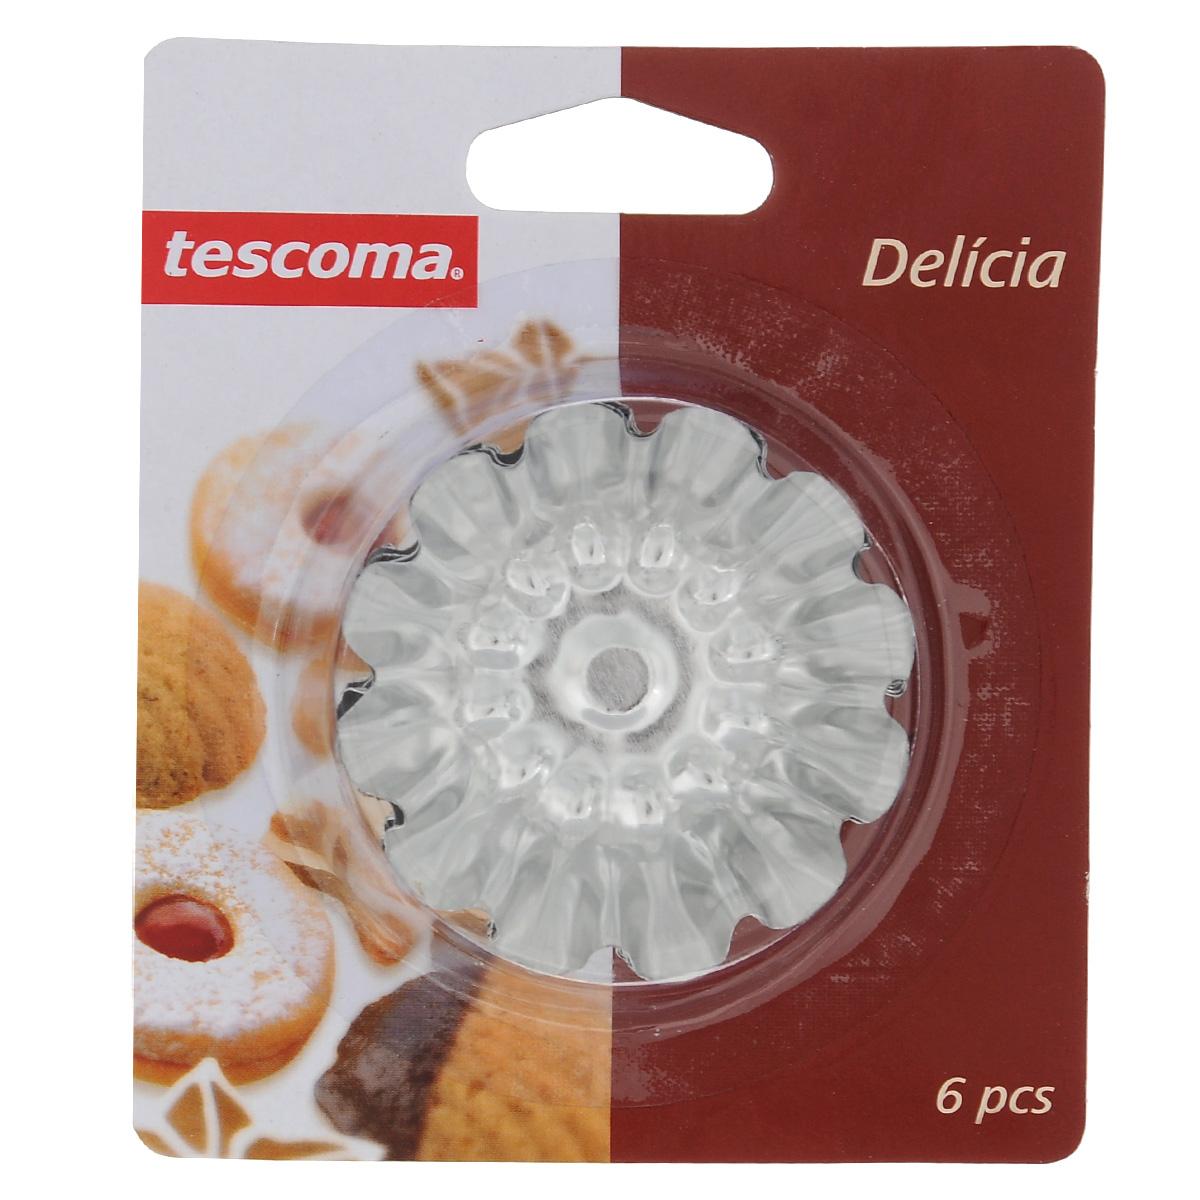 Набор форм для выпечки Tescoma Delicia, с антипригарным покрытием, диаметр 7 см, 6 шт набор форм для выпечки кексов tescoma кофе